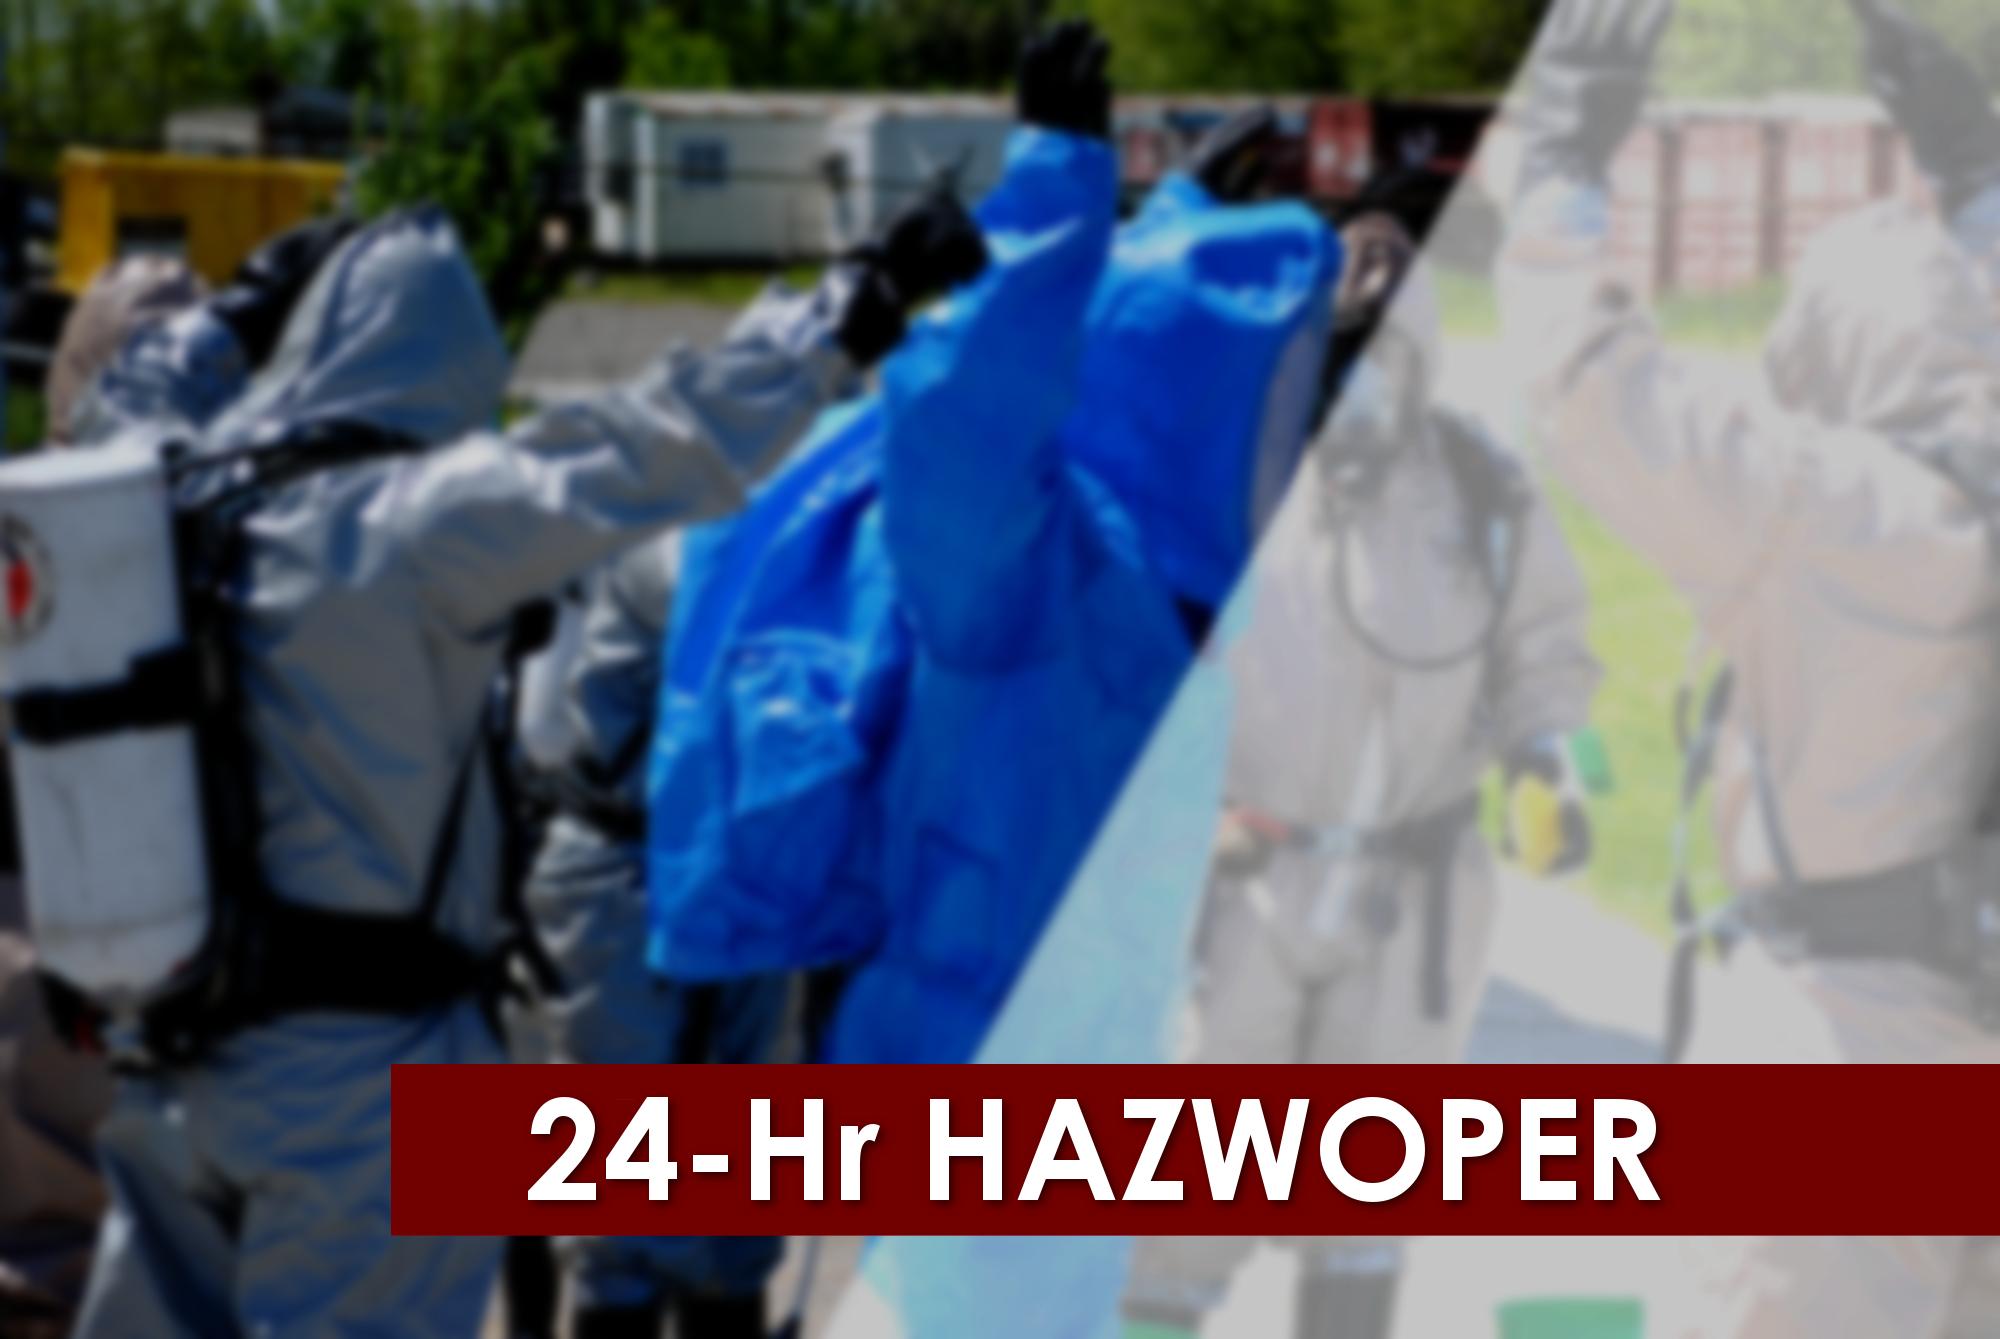 24-hour Hazwoper training